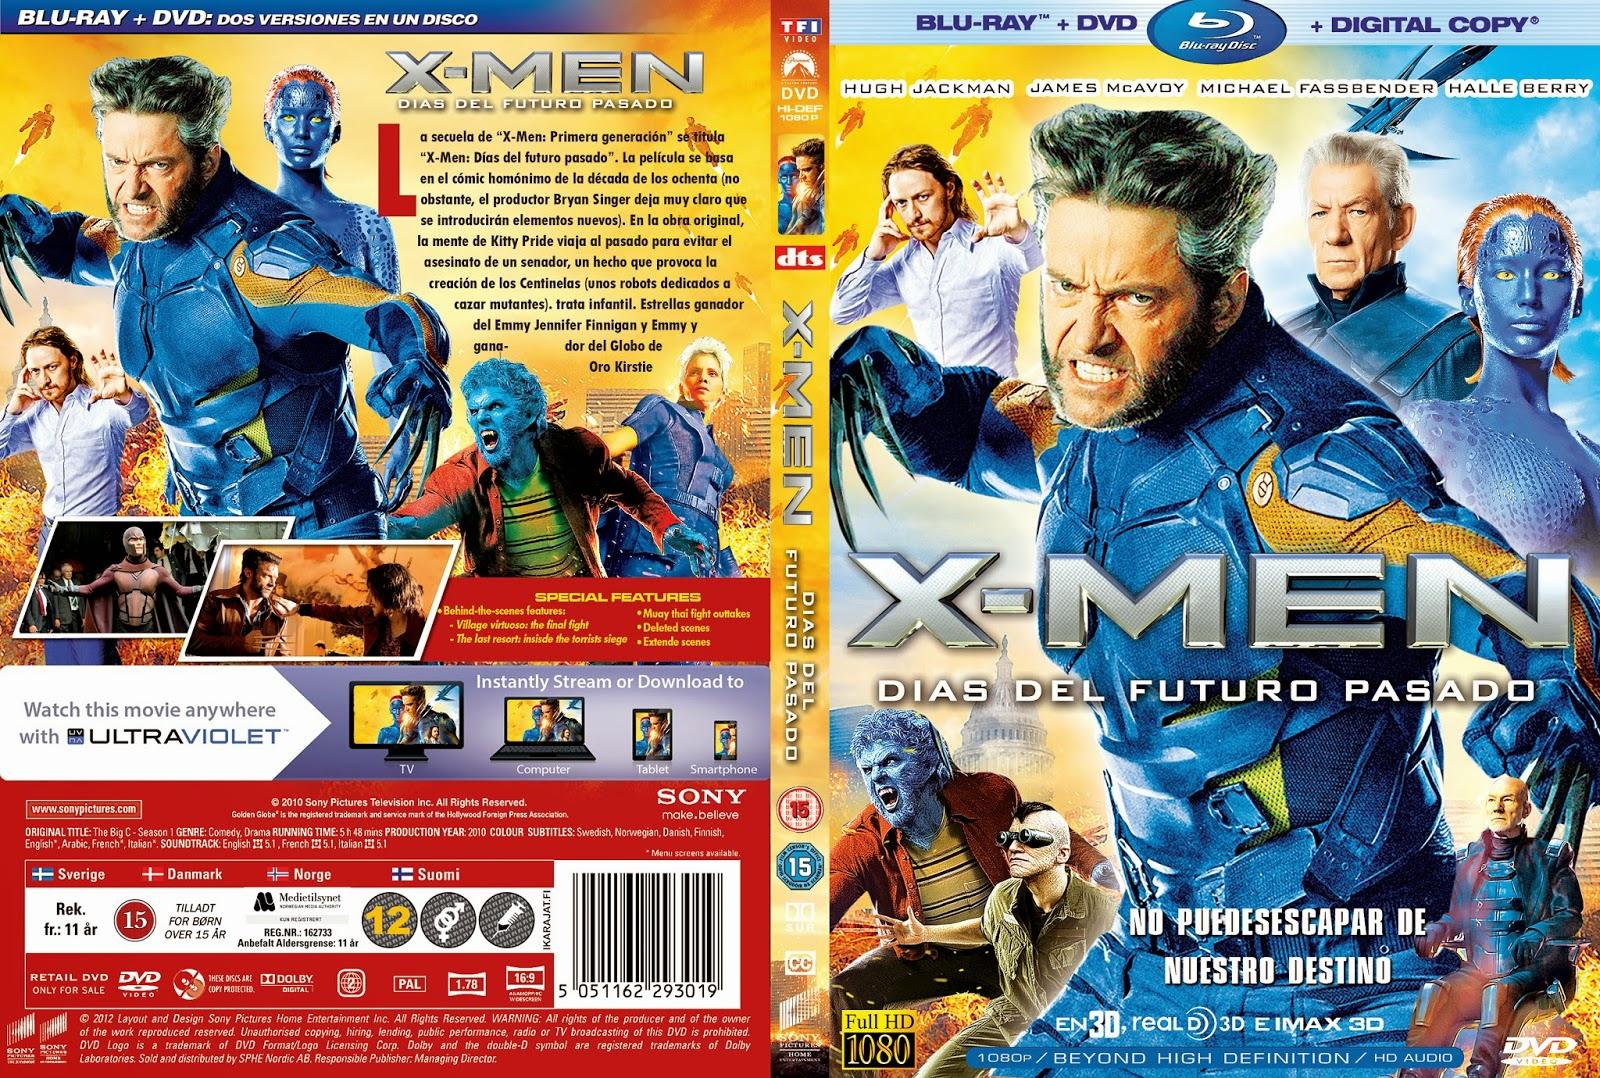 X-Men Dias Del Futuro Pasado DVD